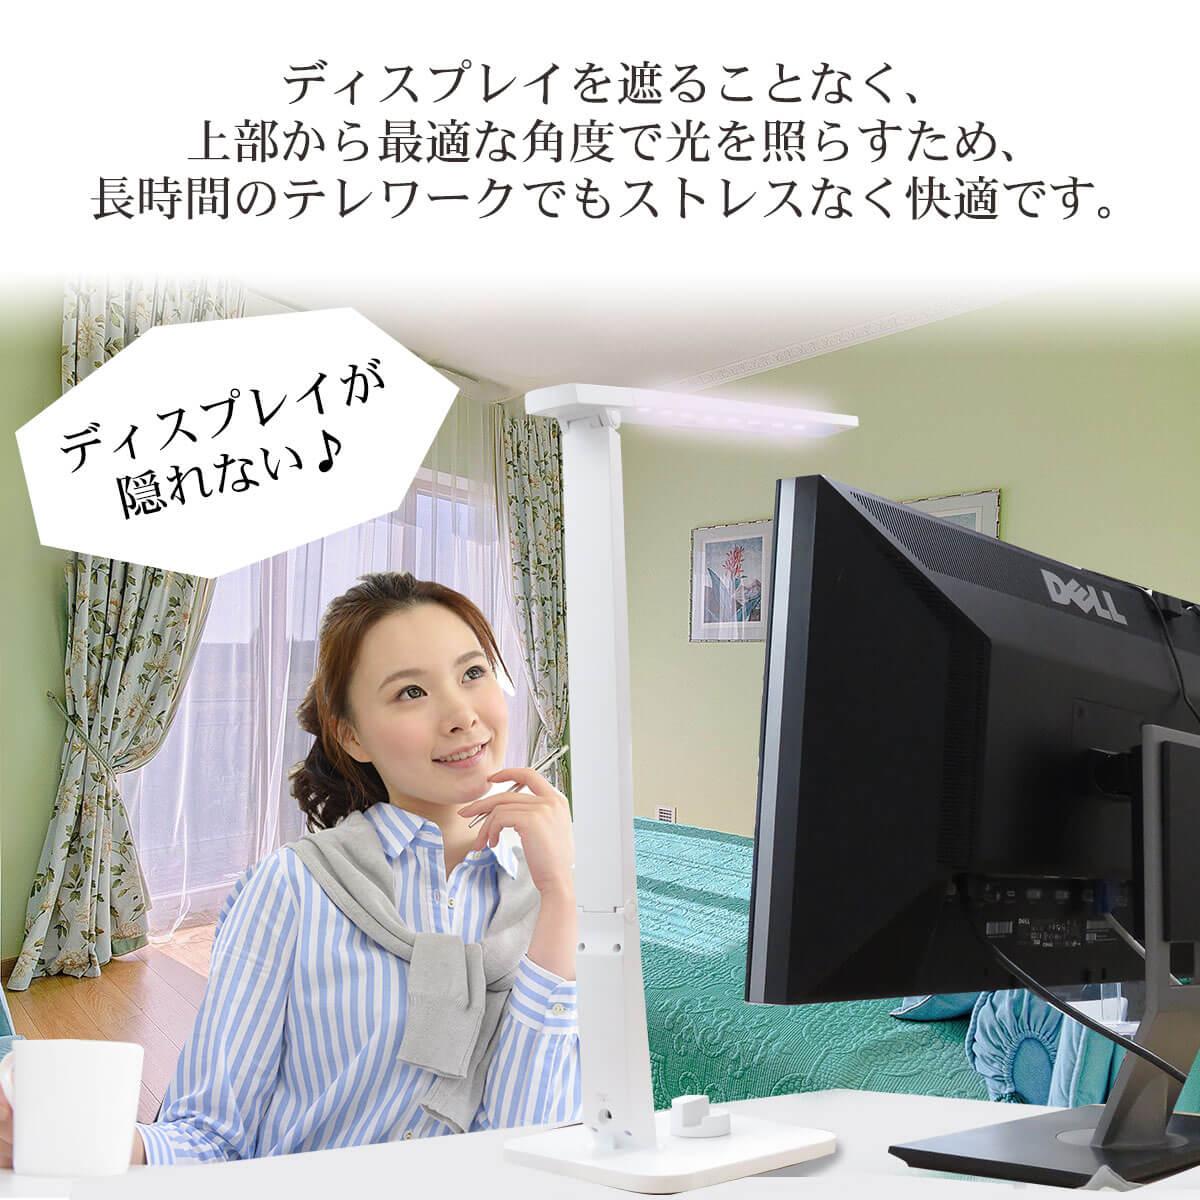 デスクライト led 学習机 目に優しい 無段階 自然光デスクライト テレワーク LEDデスクライト デスクスタンド LEDデスクスタンド ディスプレイ スタディライト Zoom映え 電気スタンド ※5月20日頃から順次発送予定